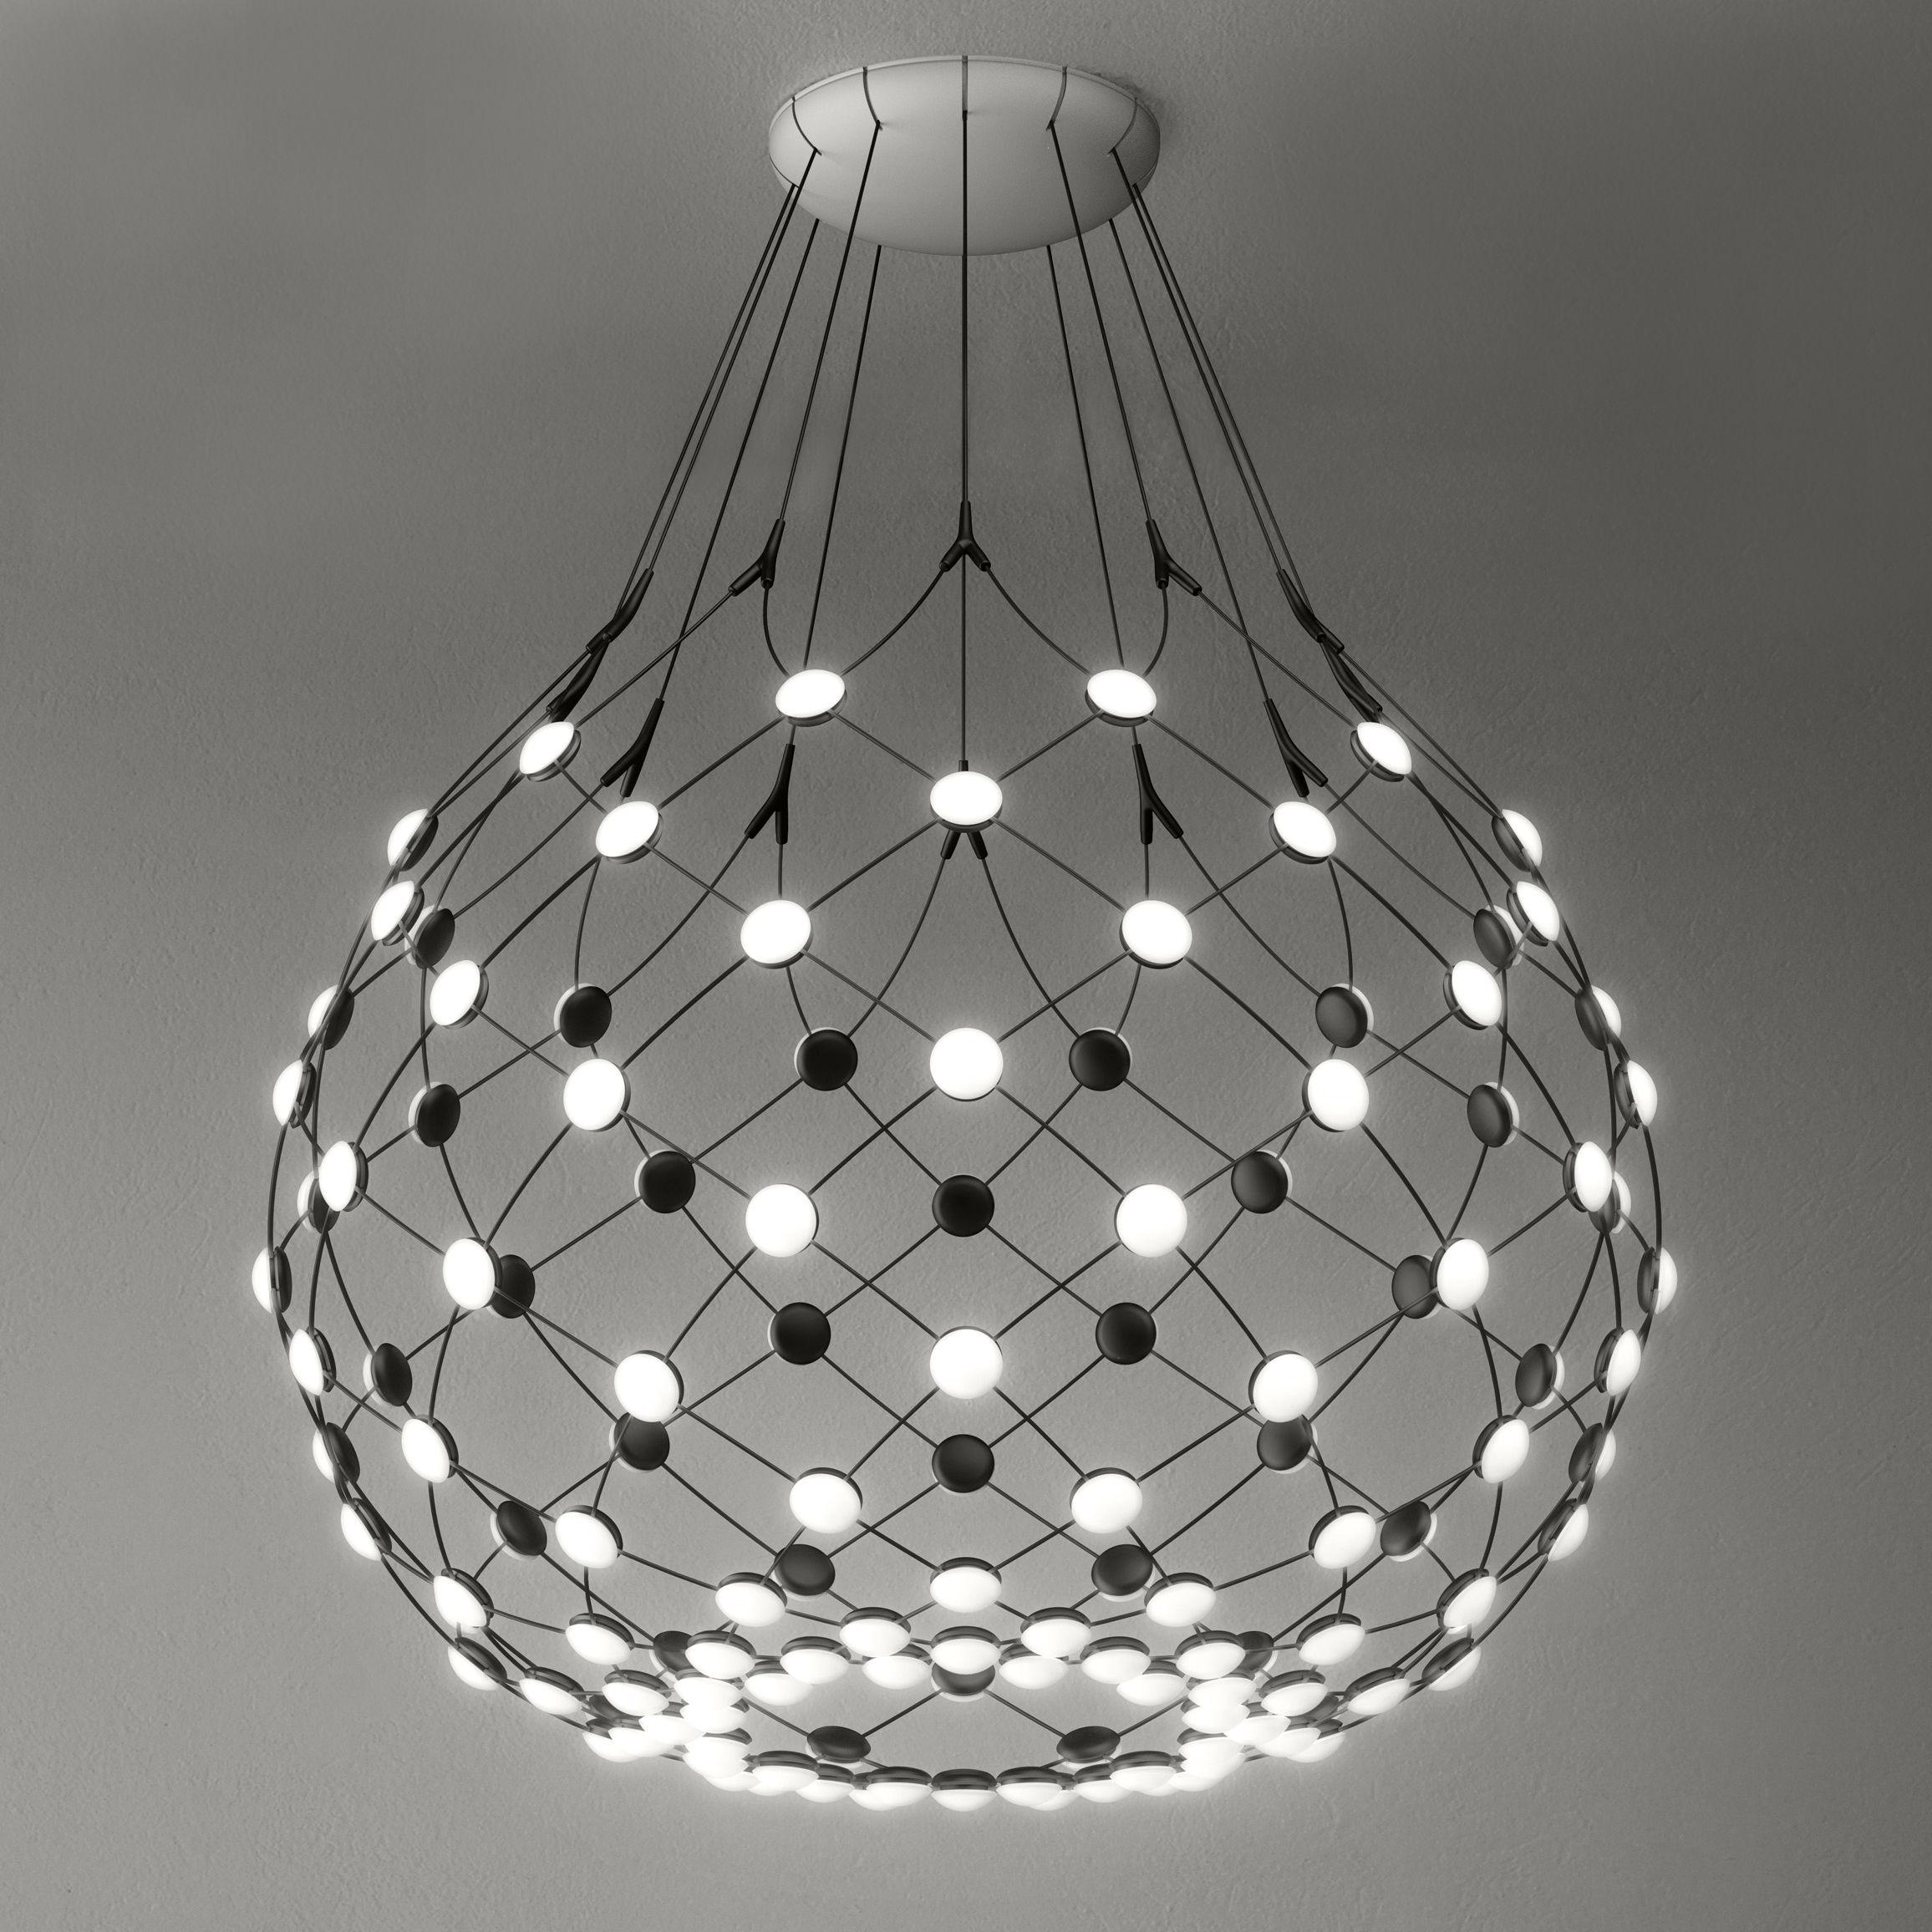 Illuminazione - Lampadari - Sospensione Mesh LED / Ø 100 x H 90 cm - Luceplan - Nero - Acciaio, policarbonato